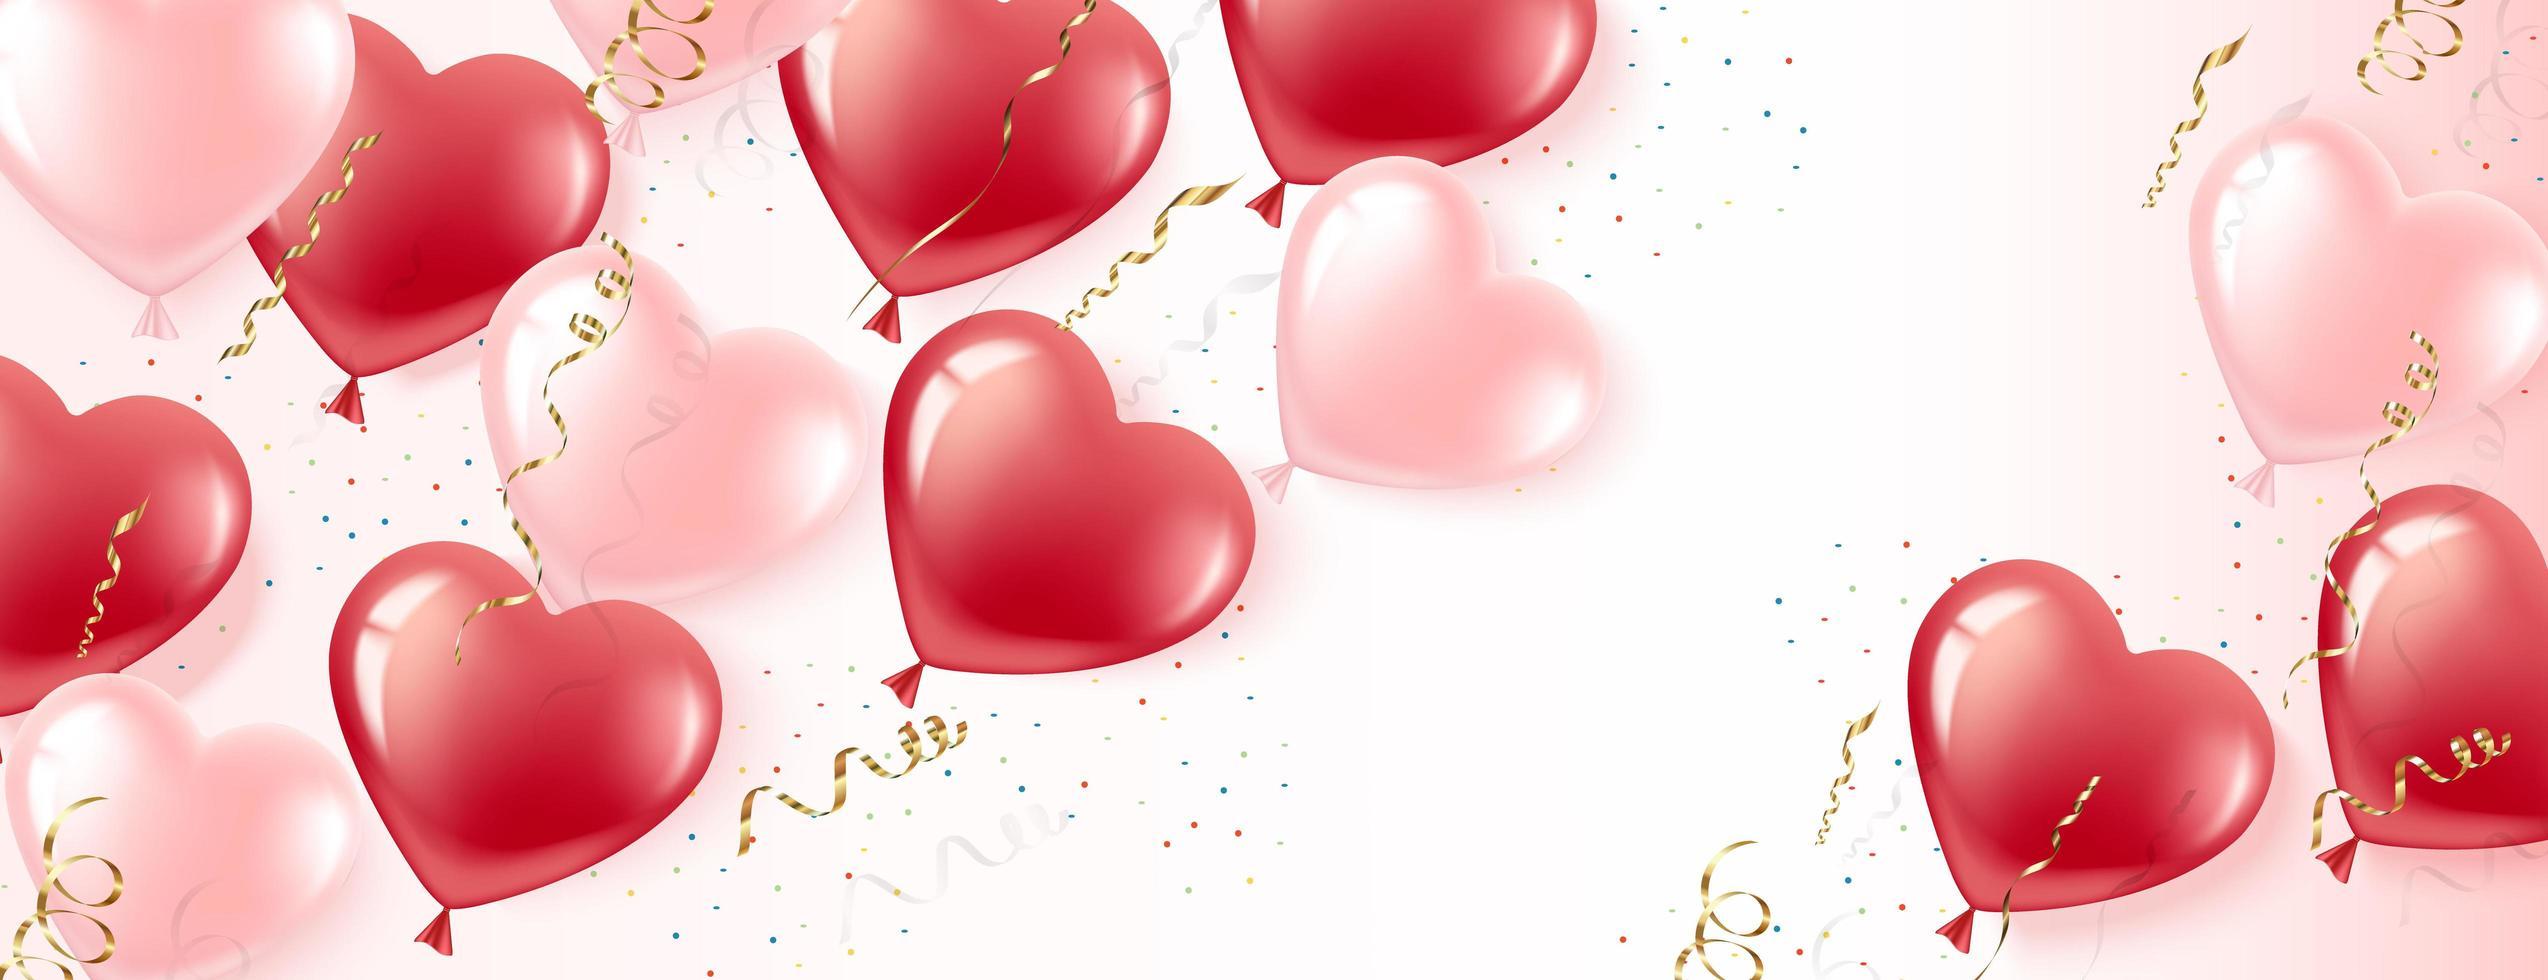 bannière horizontale de ballons roses et rouges en forme de coeur vecteur